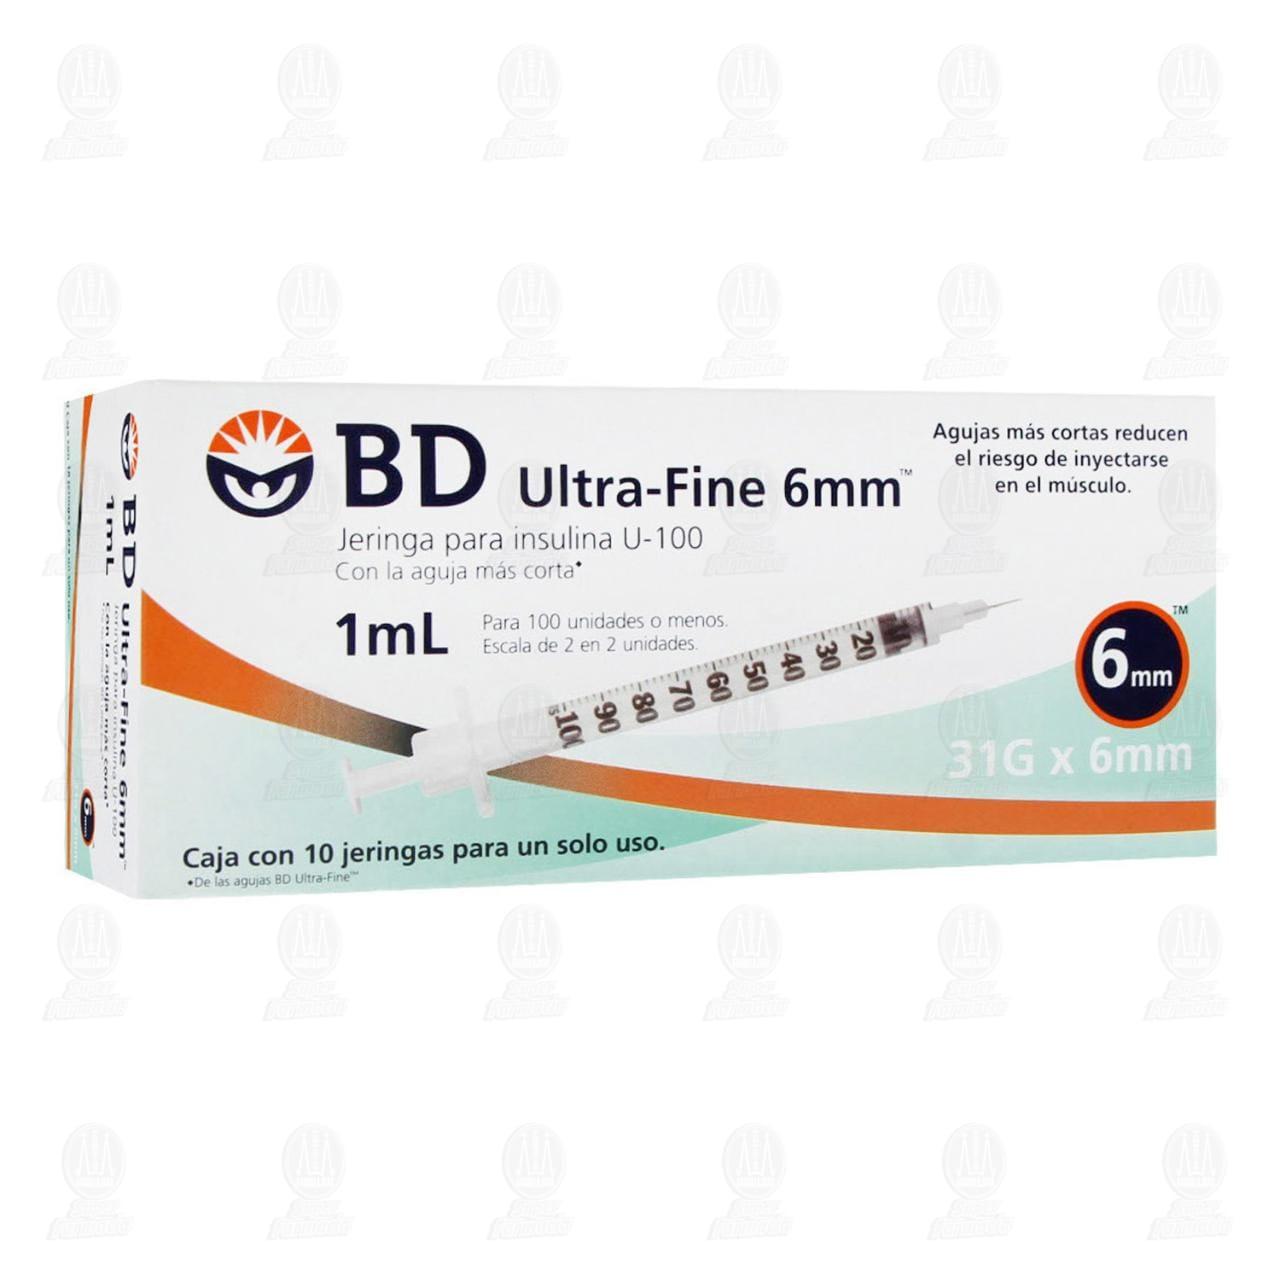 comprar https://www.movil.farmaciasguadalajara.com/wcsstore/FGCAS/wcs/products/1159348_A_1280_AL.jpg en farmacias guadalajara